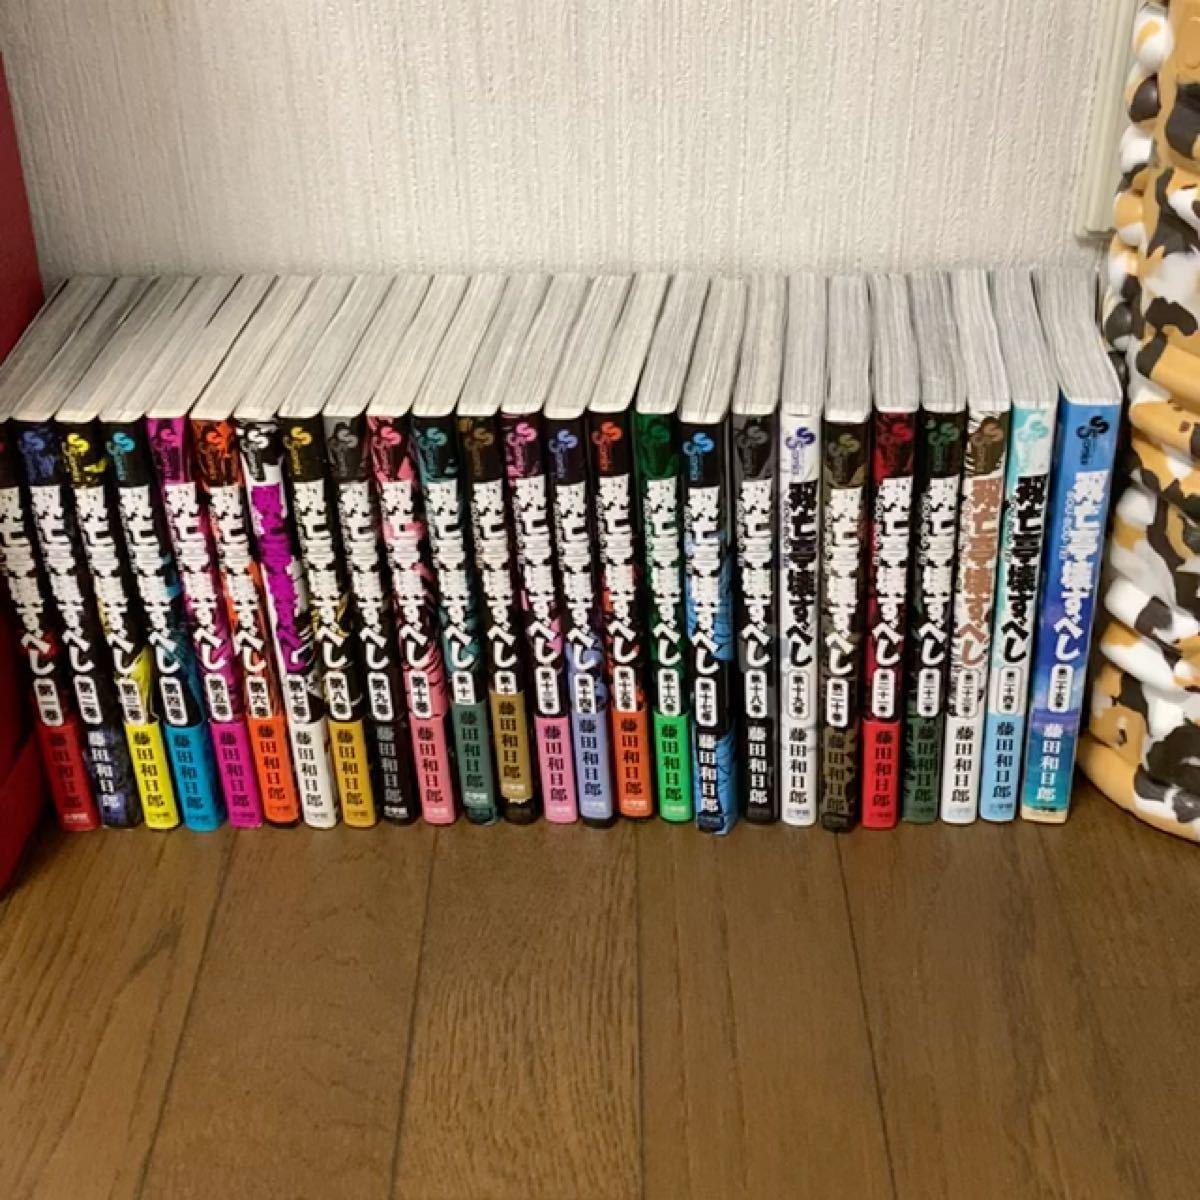 双亡亭壊すべし 1巻〜25巻 全巻初版帯付き 完結セット 藤田和日郎